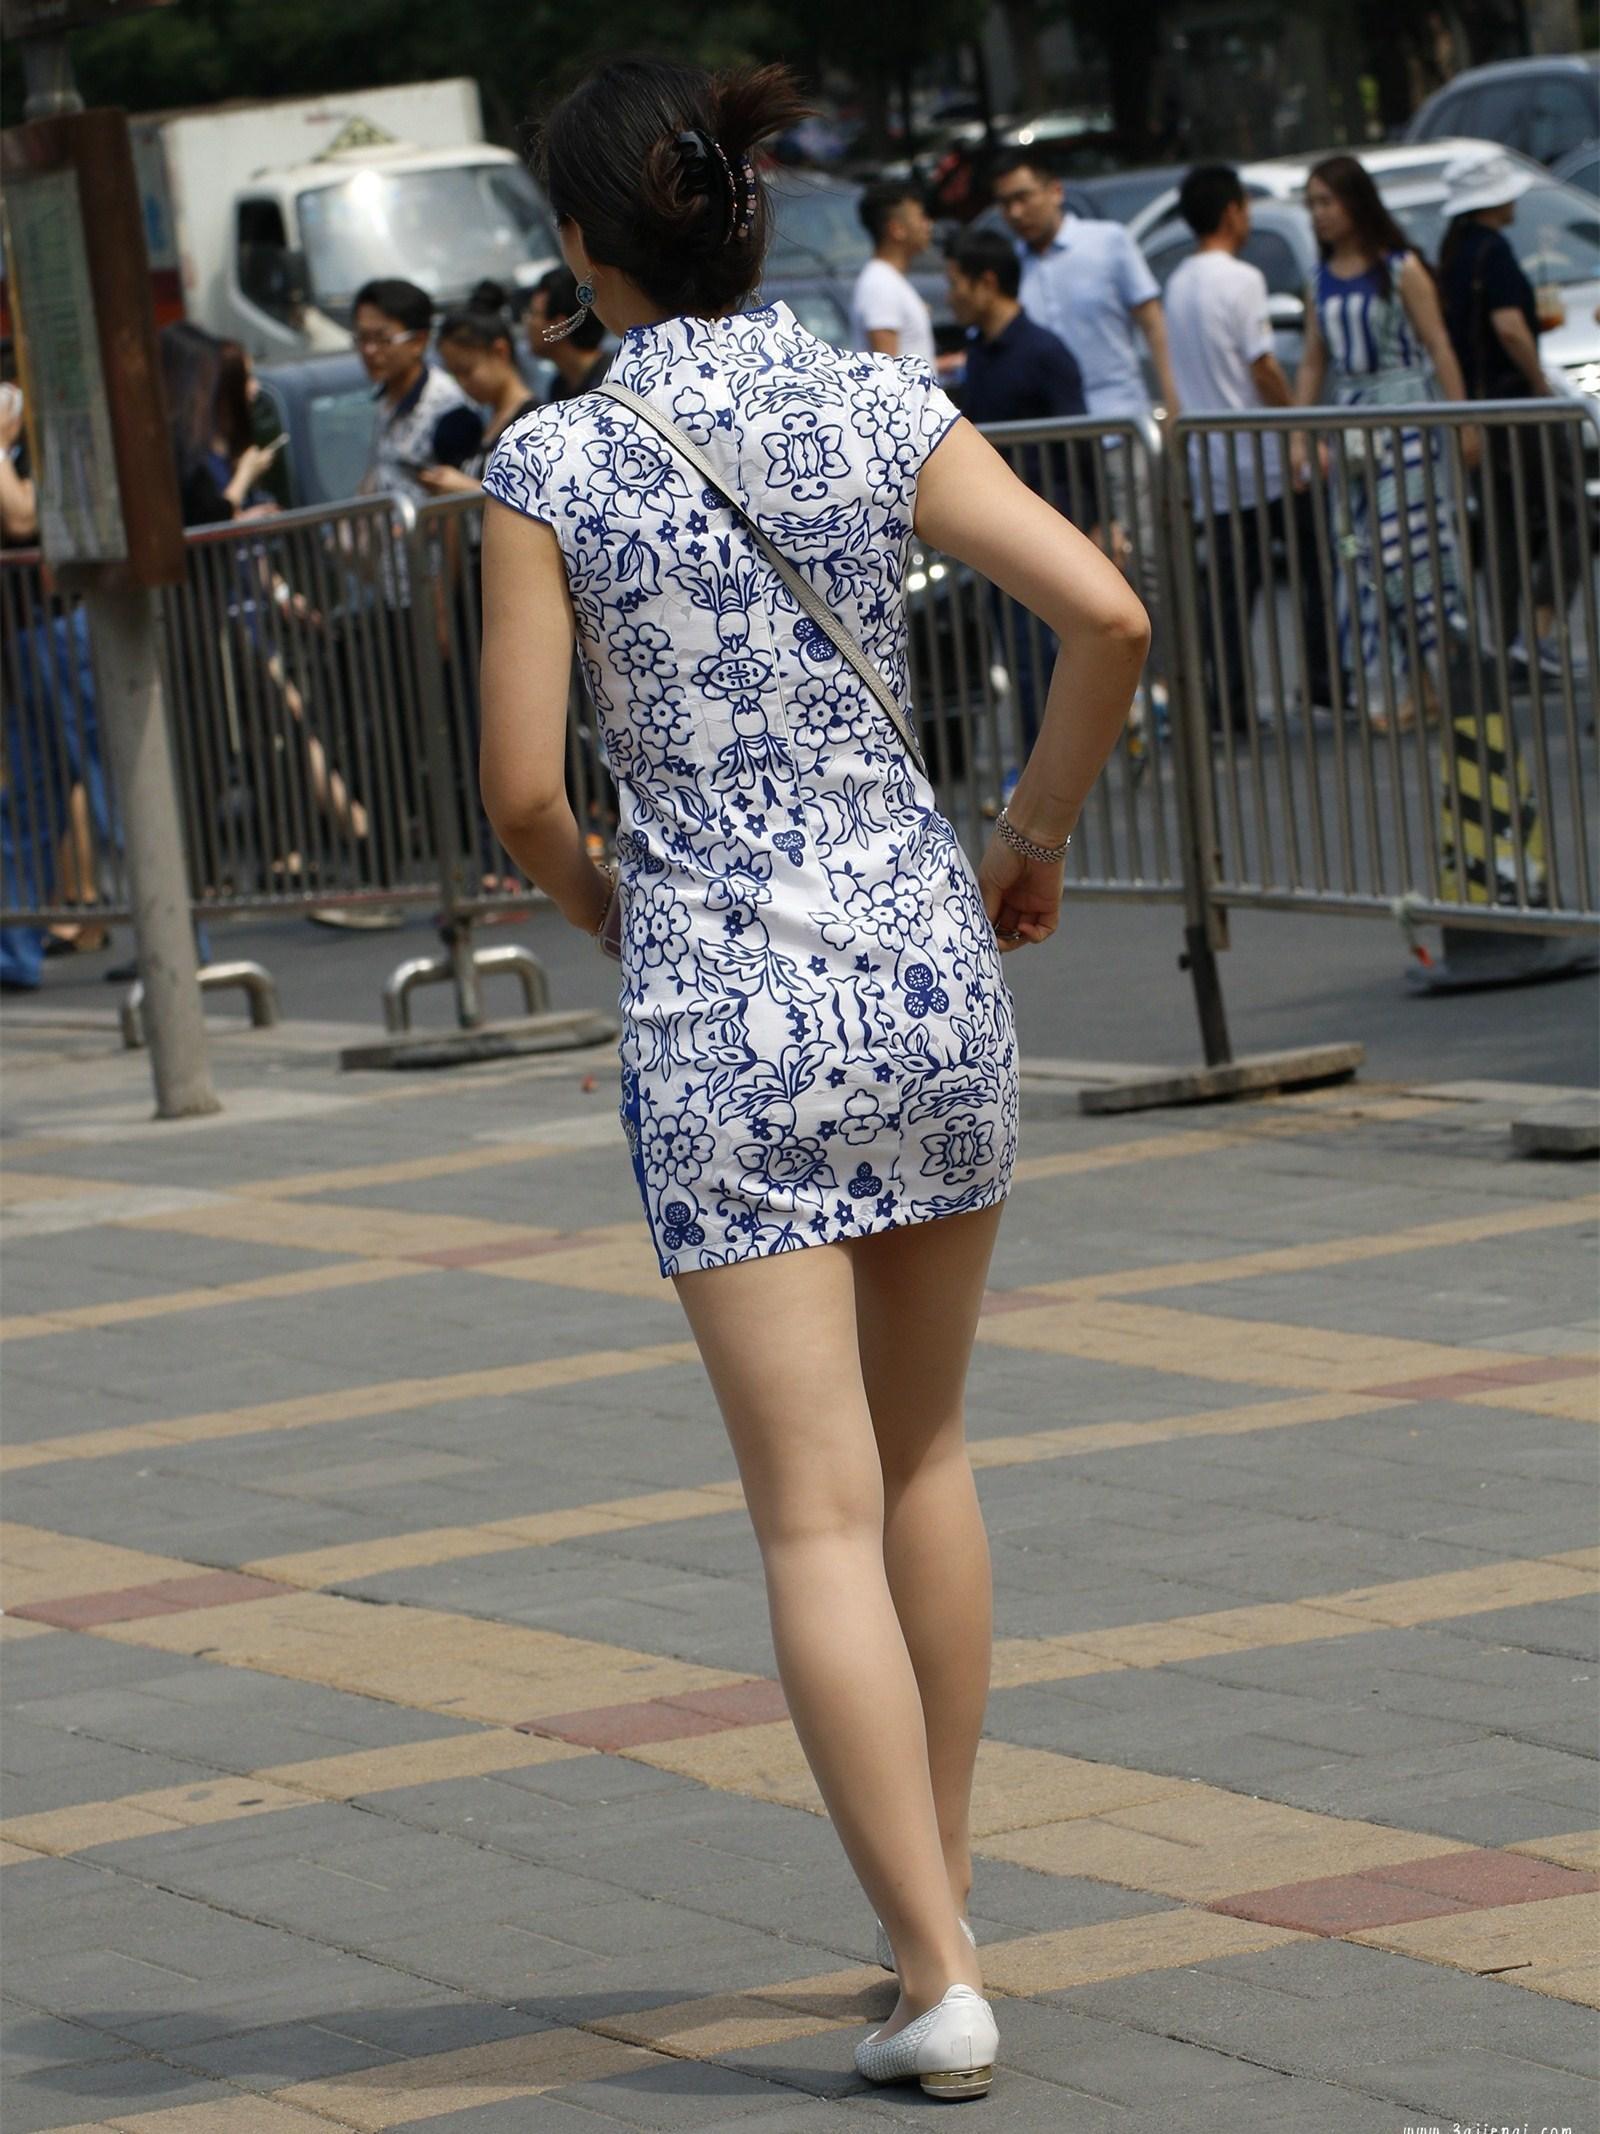 街拍,身穿蓝白花纹旗袍的美女,身材苗条背影迷人!